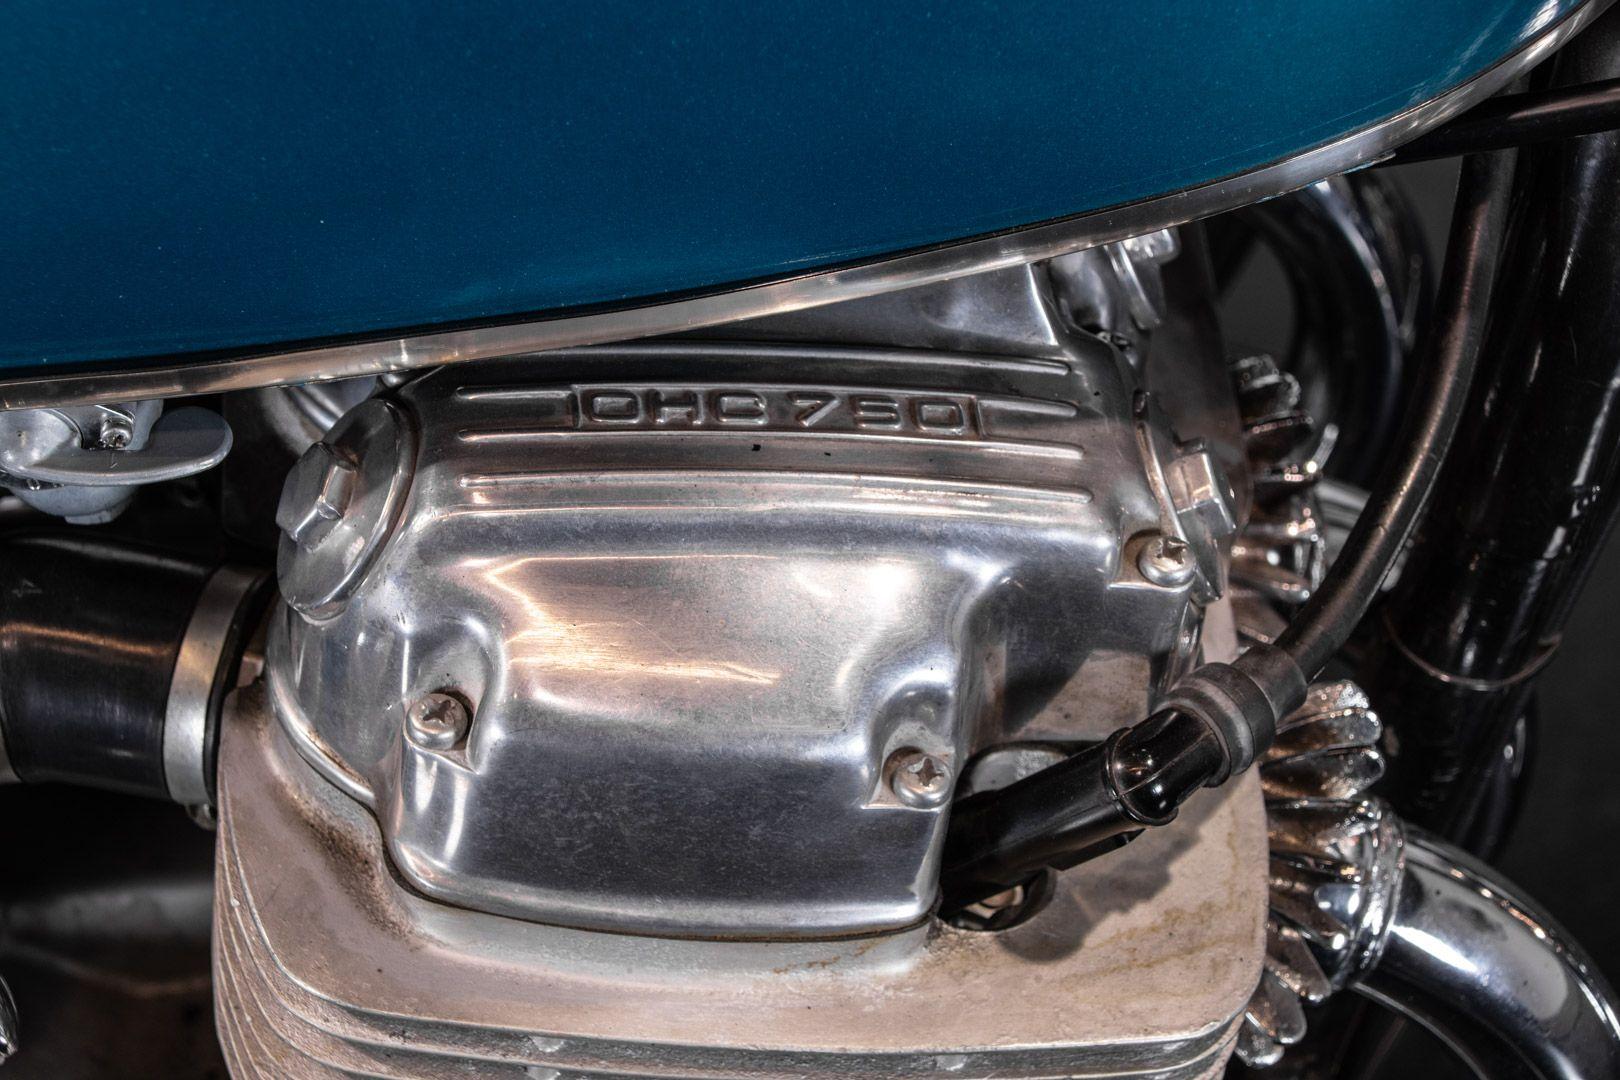 1970 Honda CB 750 Four K0 83852